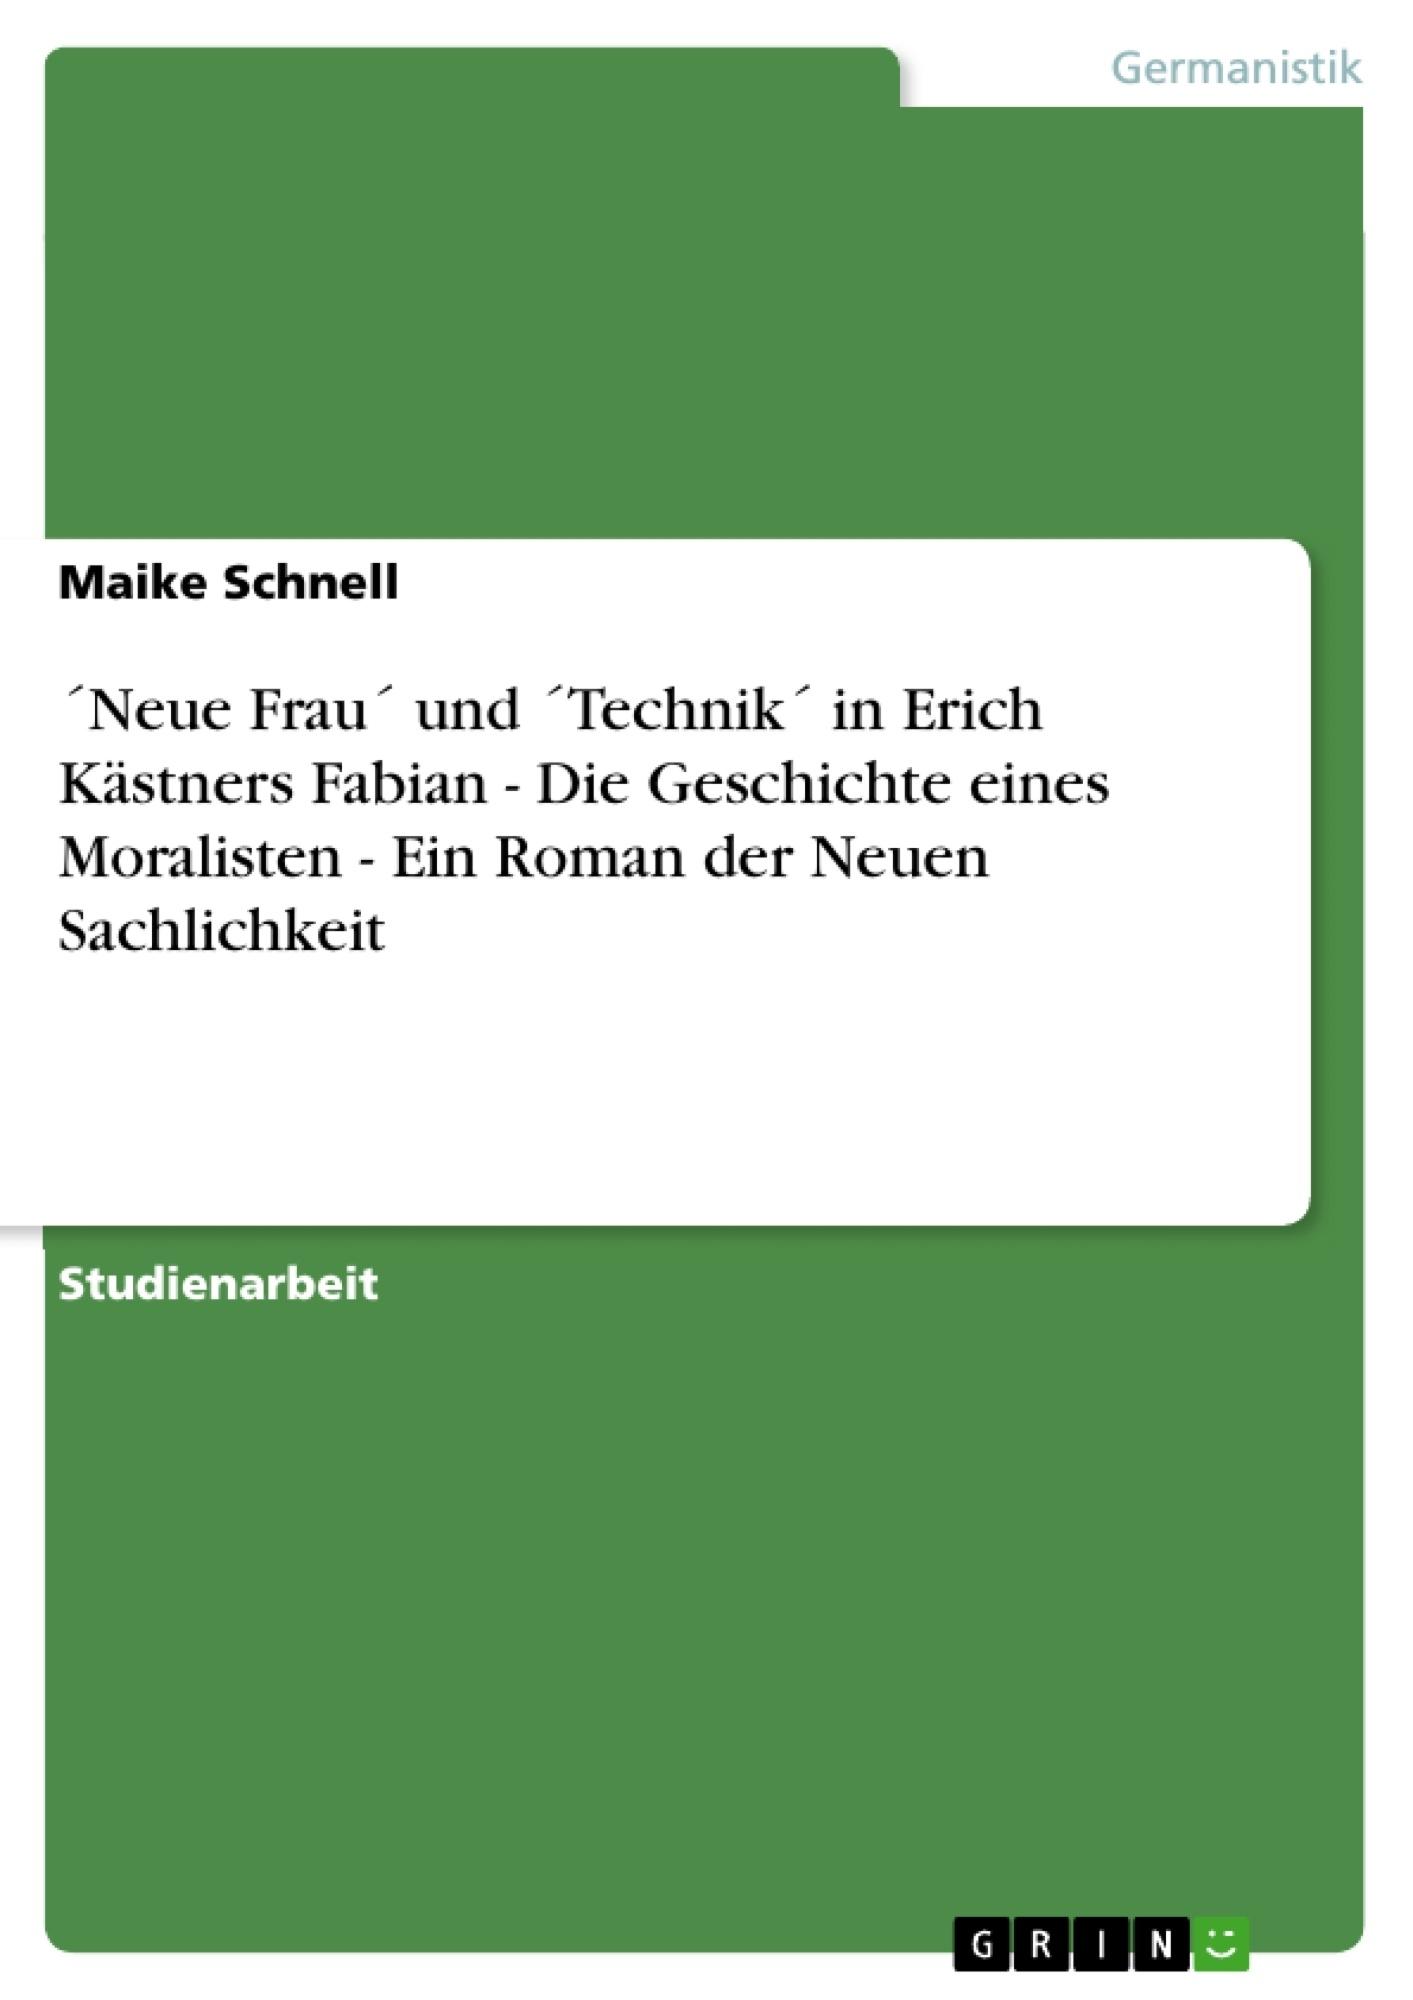 Titel: ´Neue Frau´ und ´Technik´ in Erich Kästners Fabian - Die Geschichte eines Moralisten - Ein Roman der Neuen Sachlichkeit